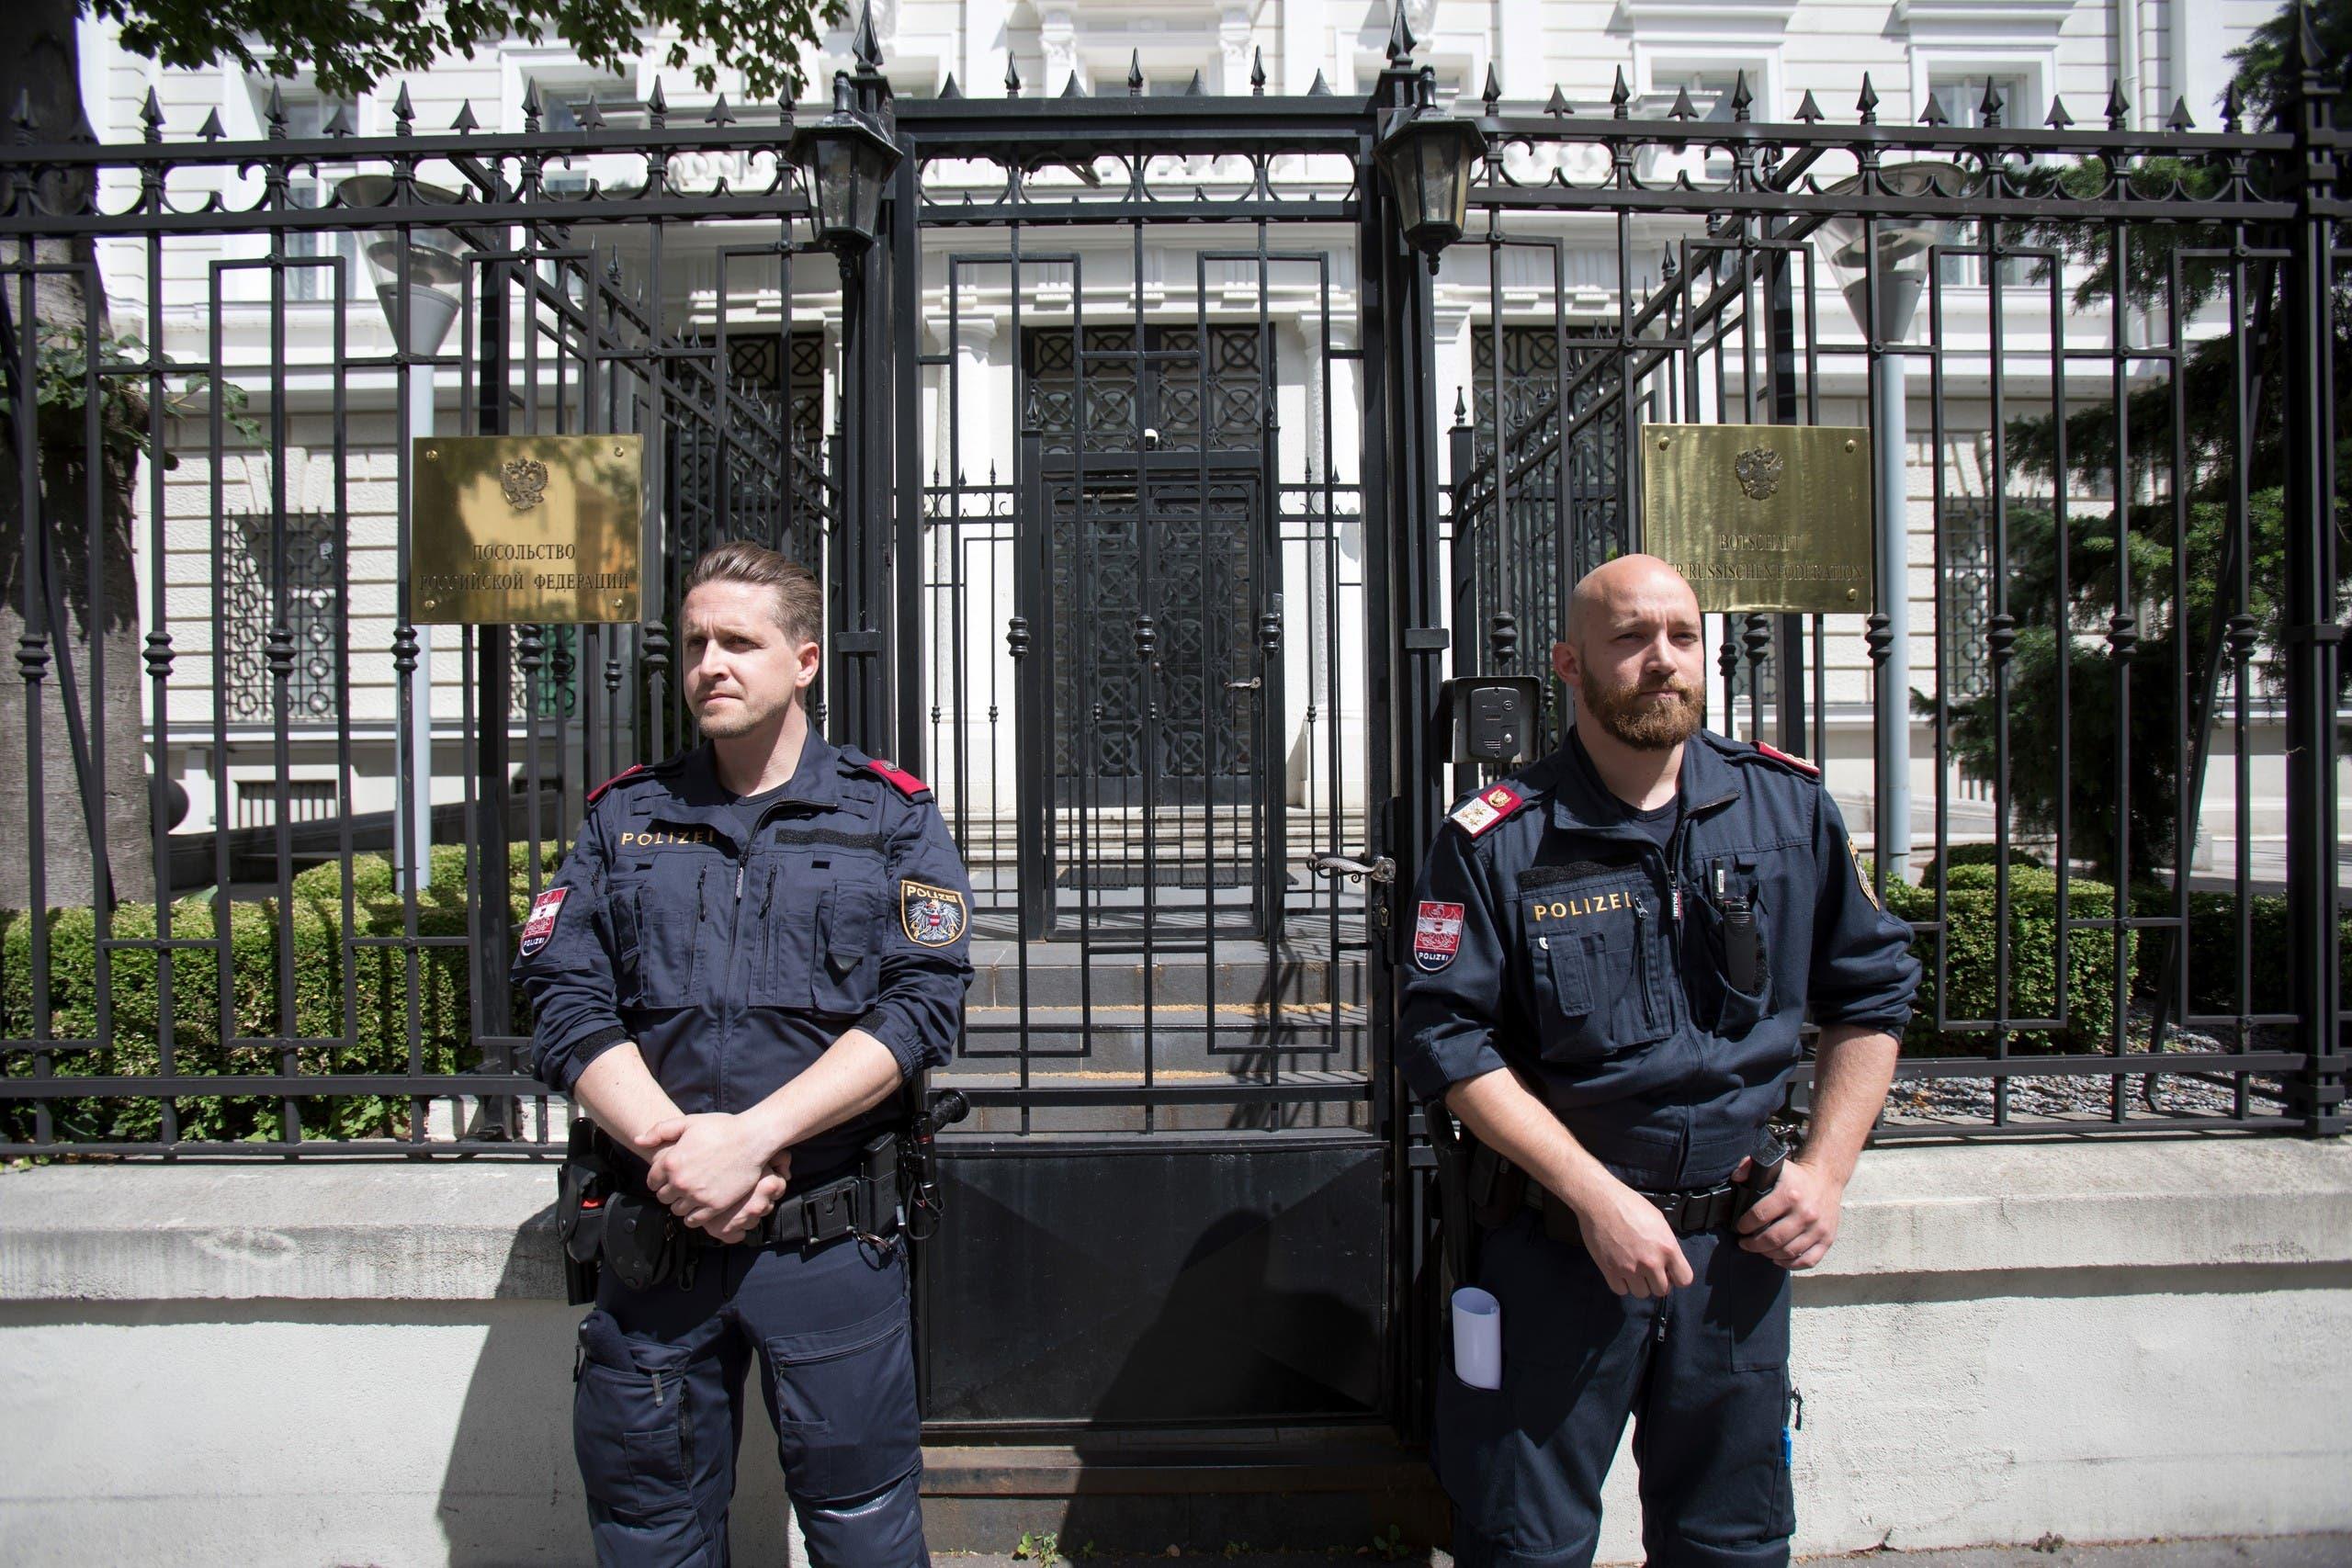 الشرطة أمام مدخل سفارة روسيا في فيينا (أرشيفية)